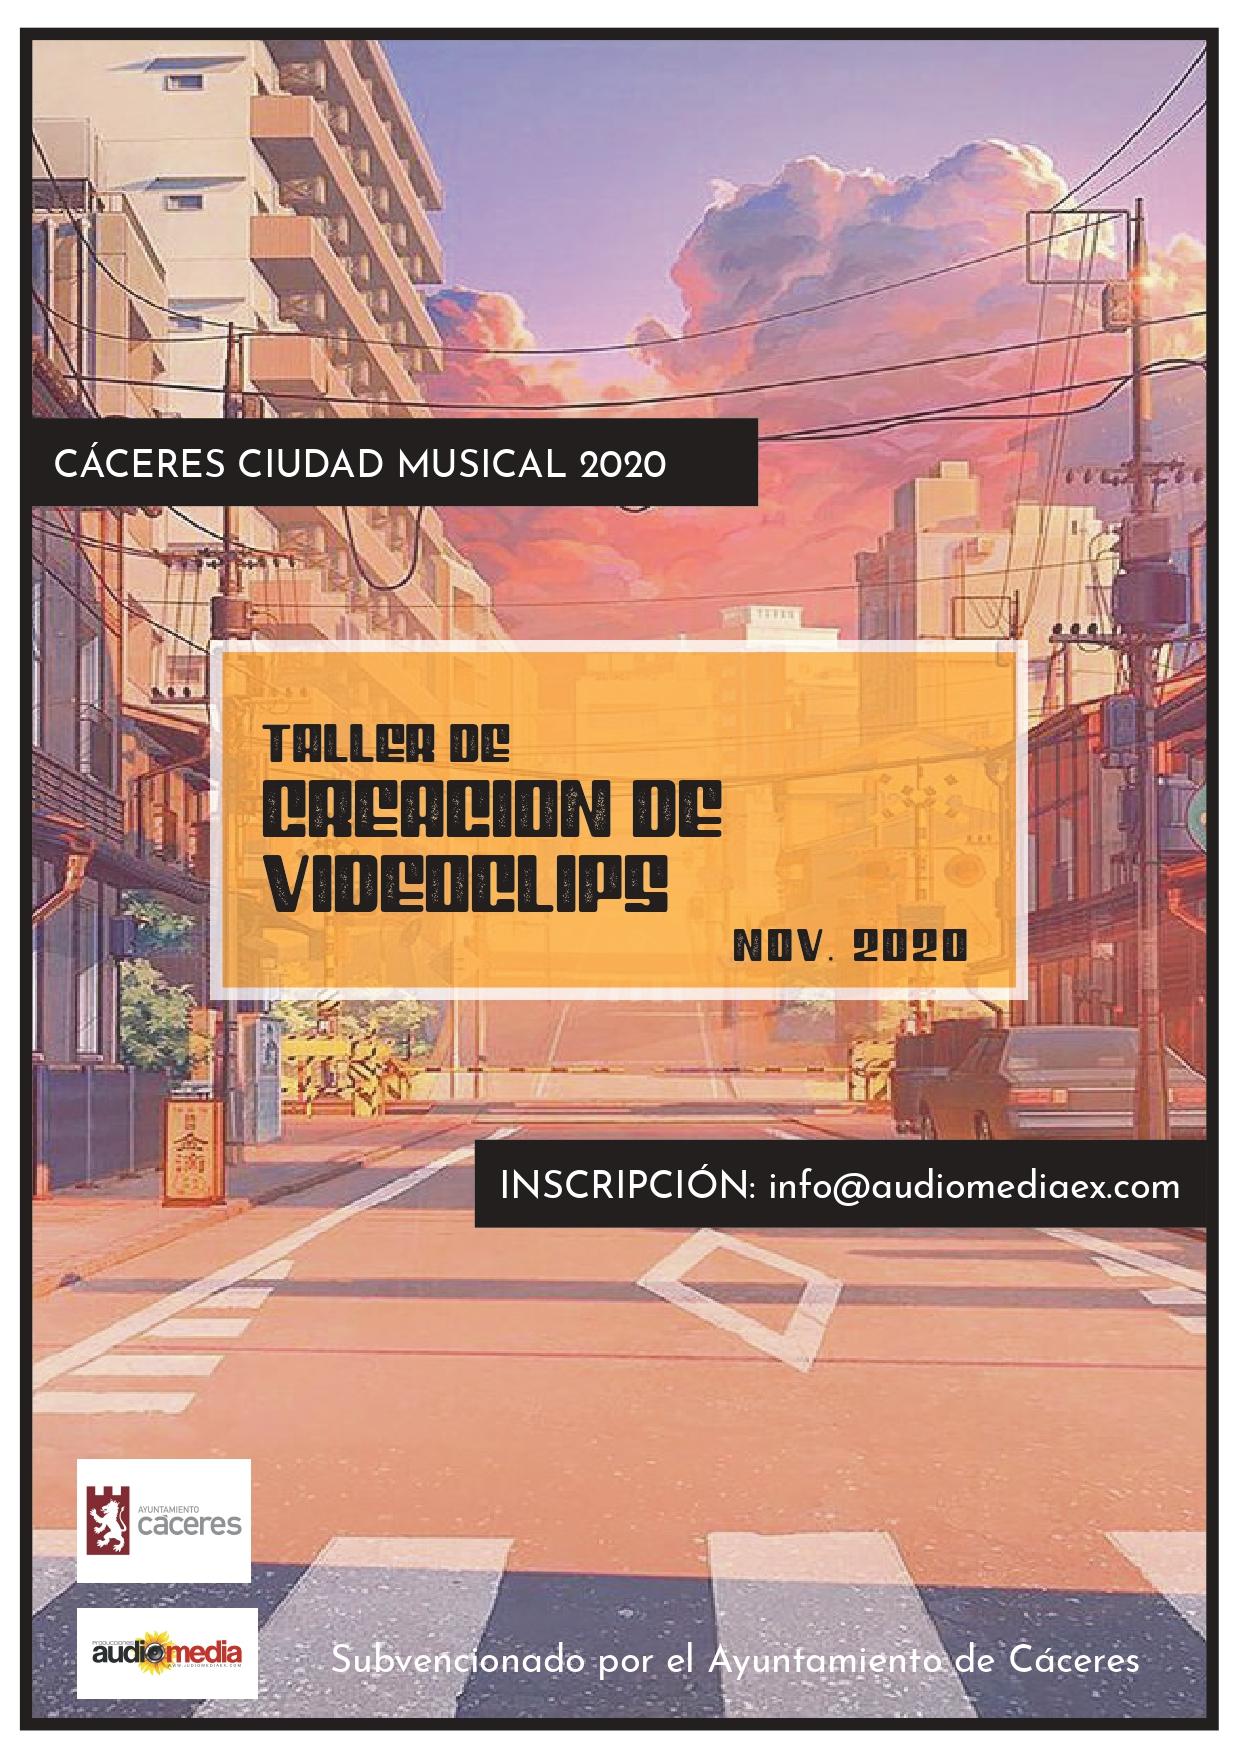 Se pone en marcha el proyecto Cáceres ciudad musical 2020